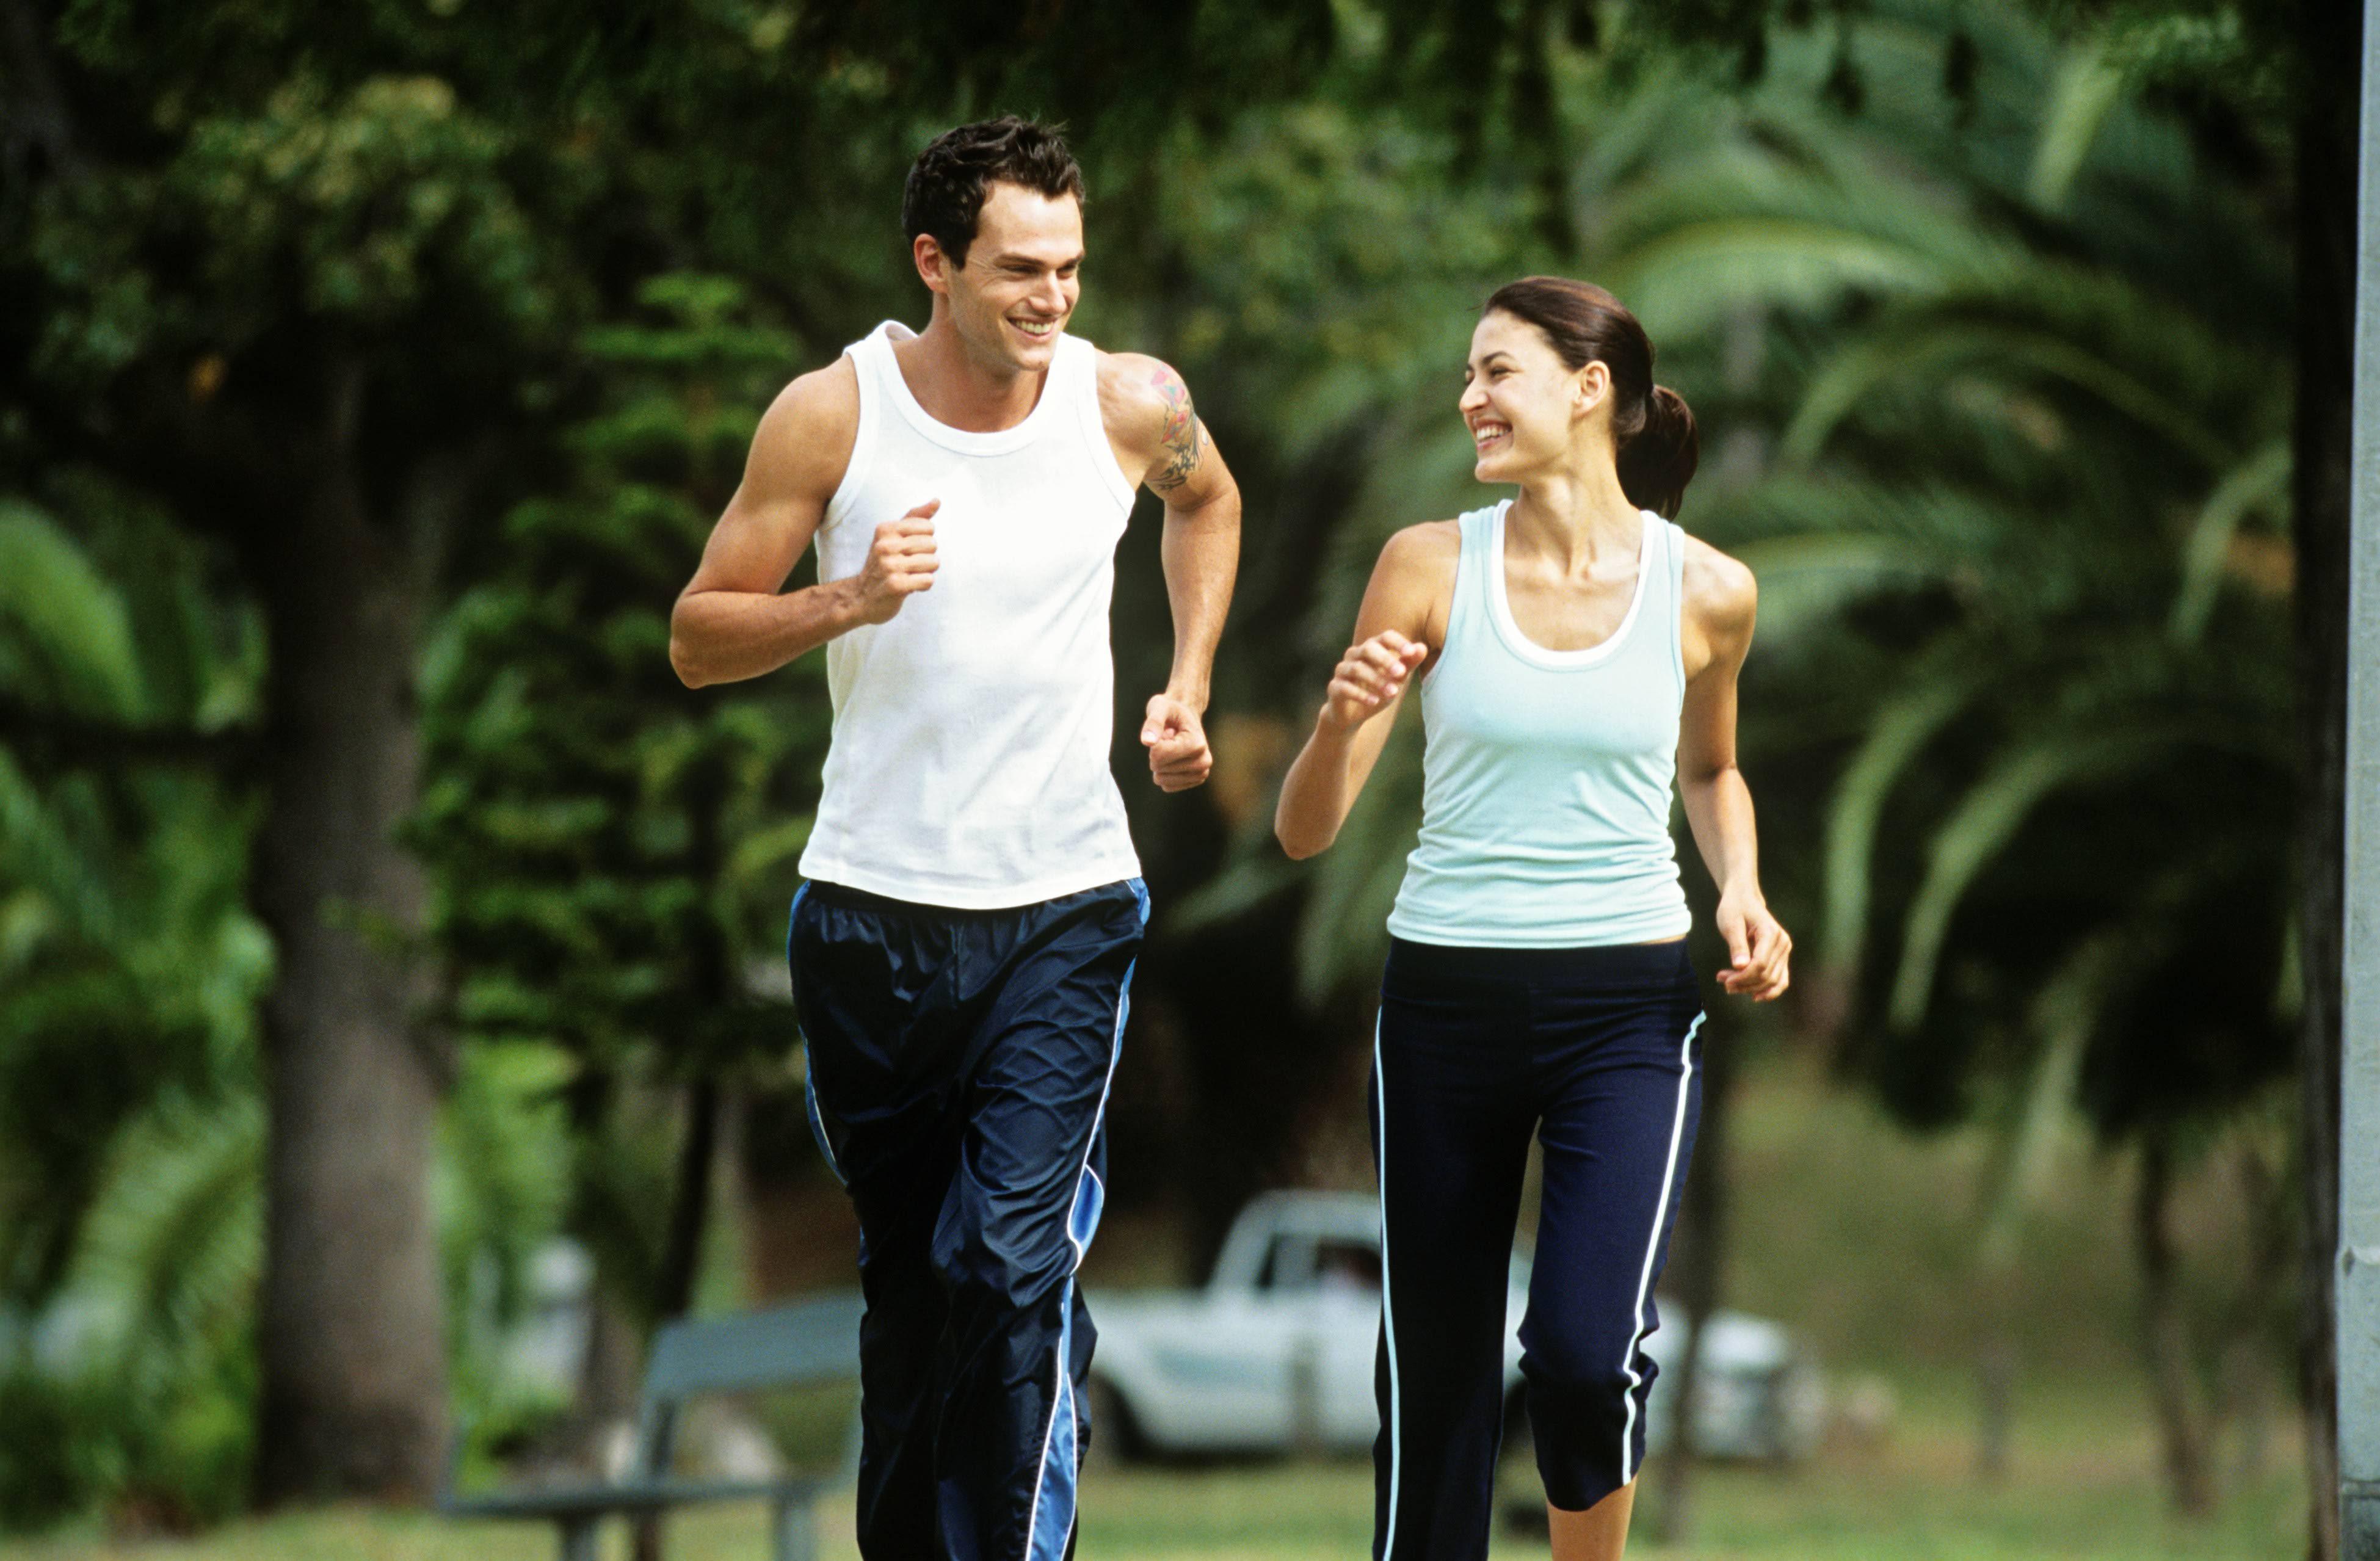 Hareketli yaşamı benimsemiş kişiler romantik ilişkilerinde daha başarılı oluyor